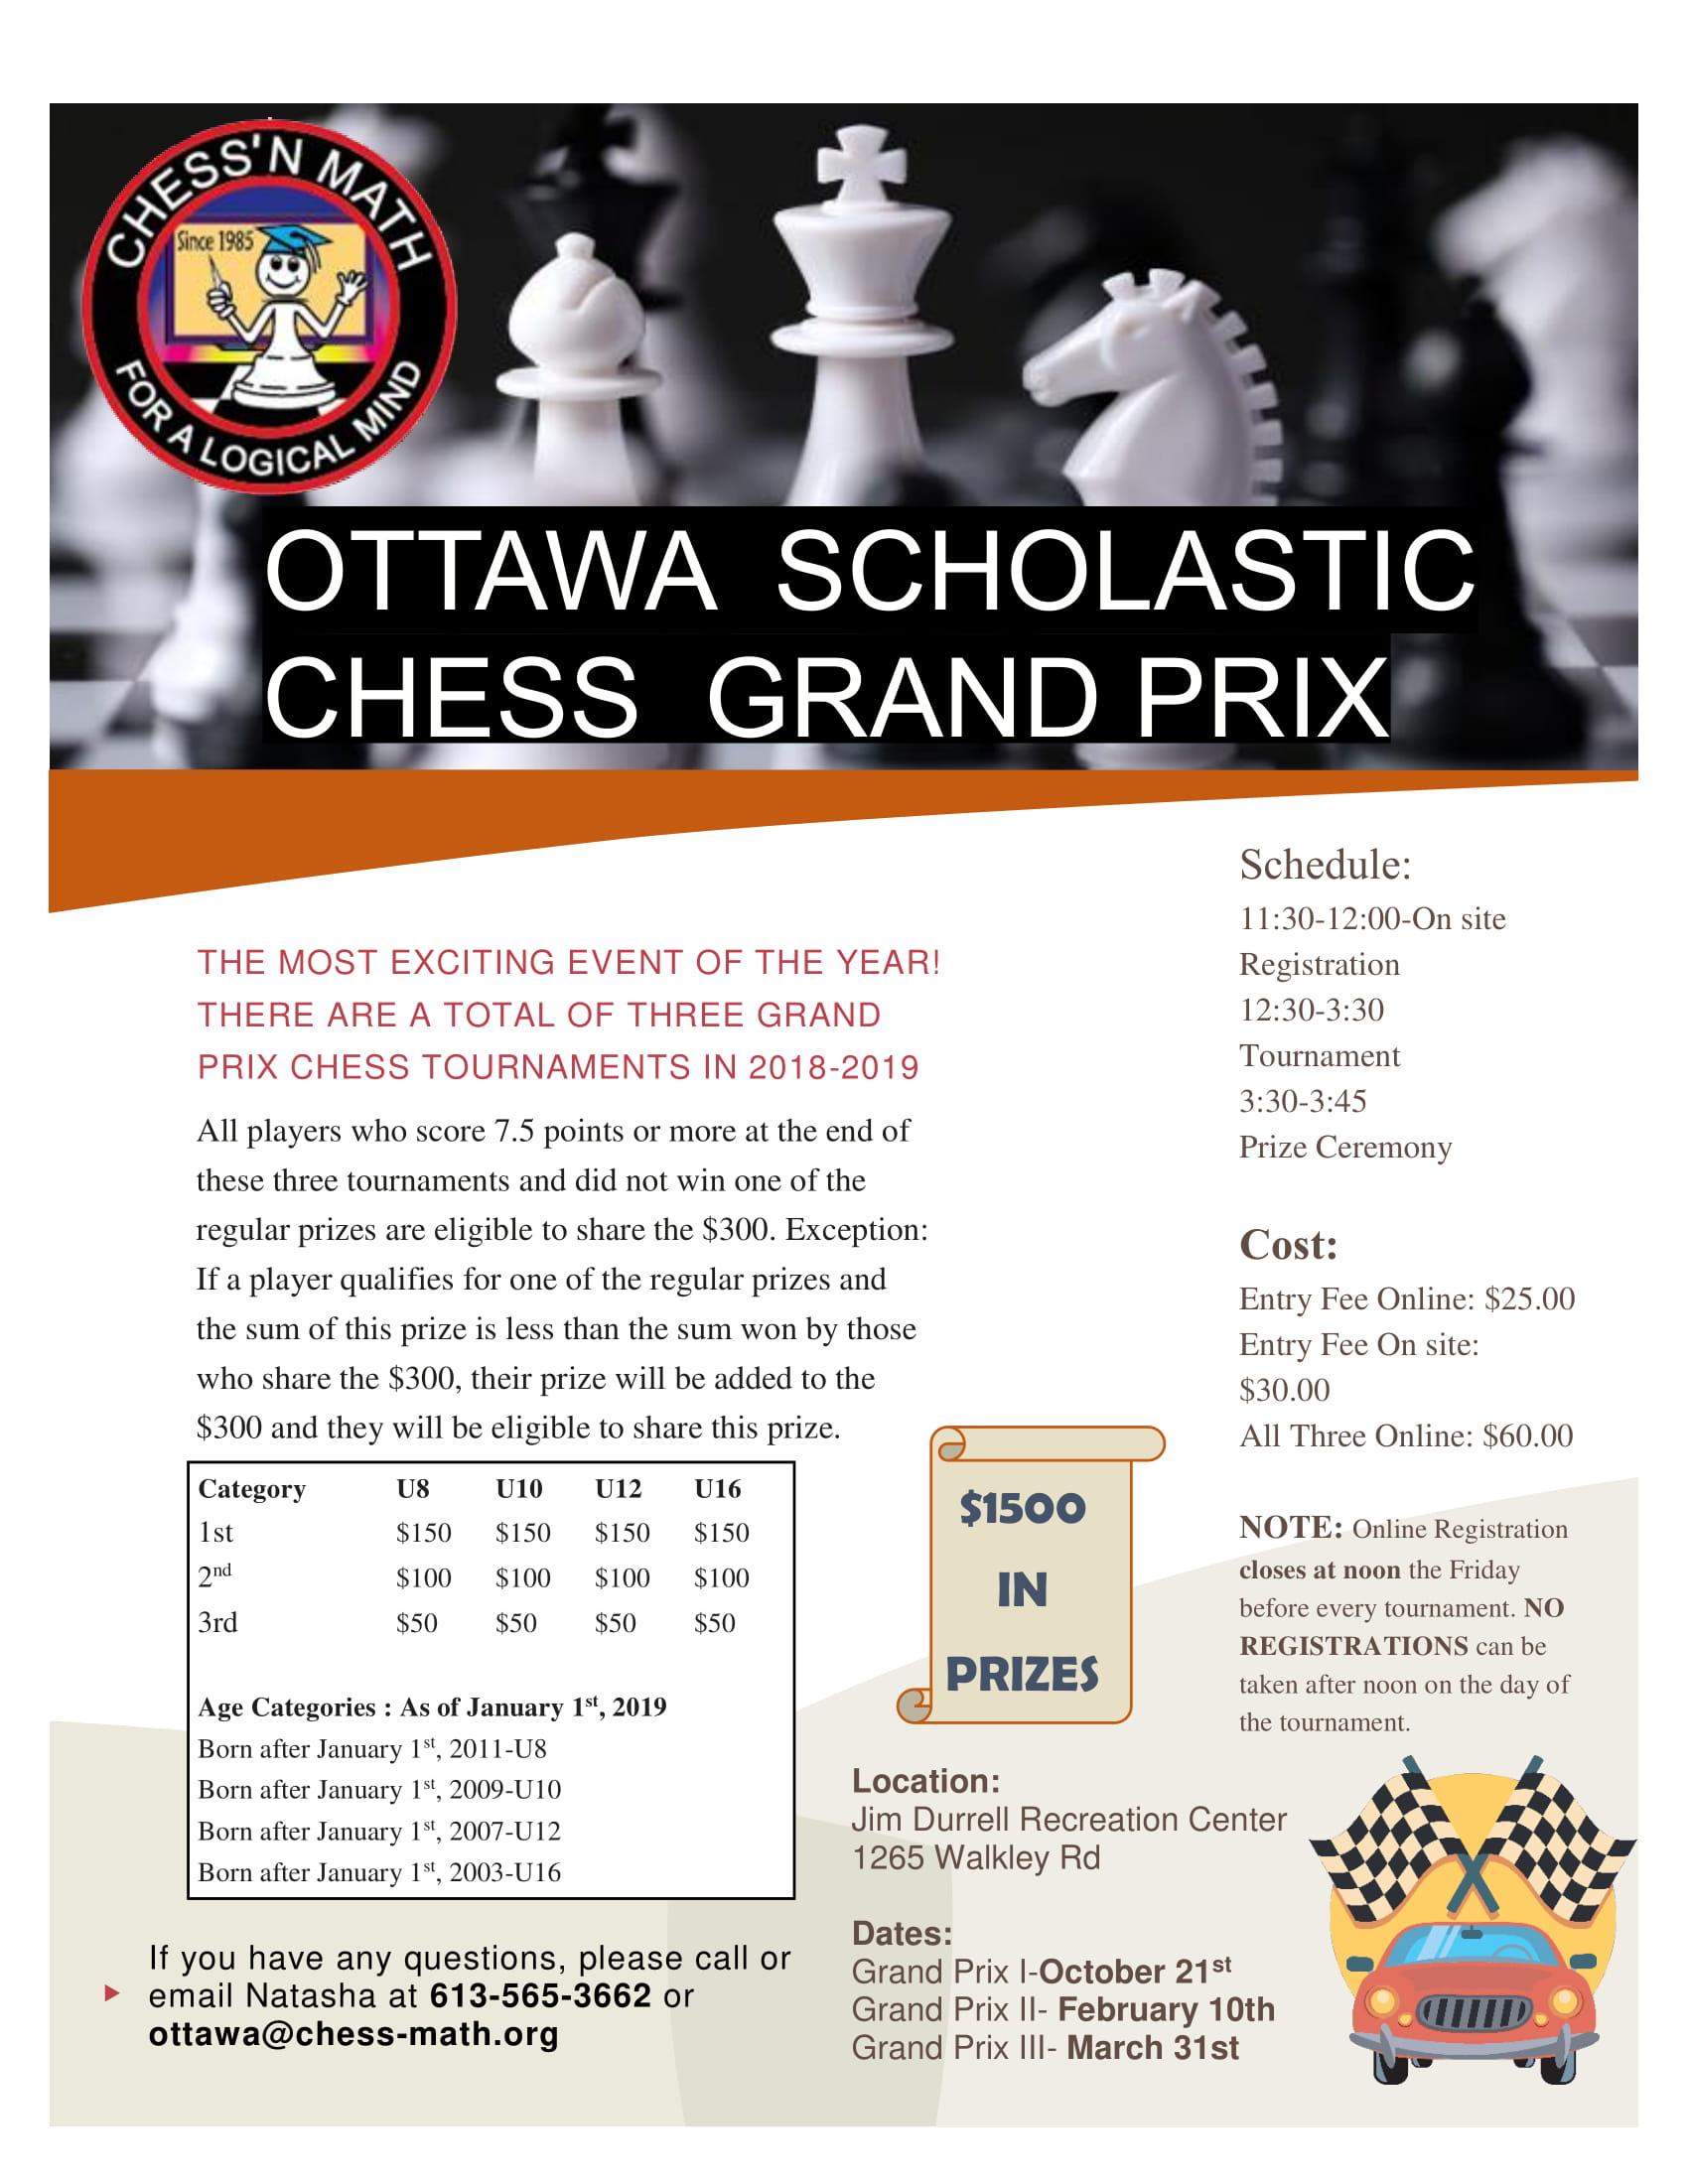 Grand Prix Ottawa 2018-2019